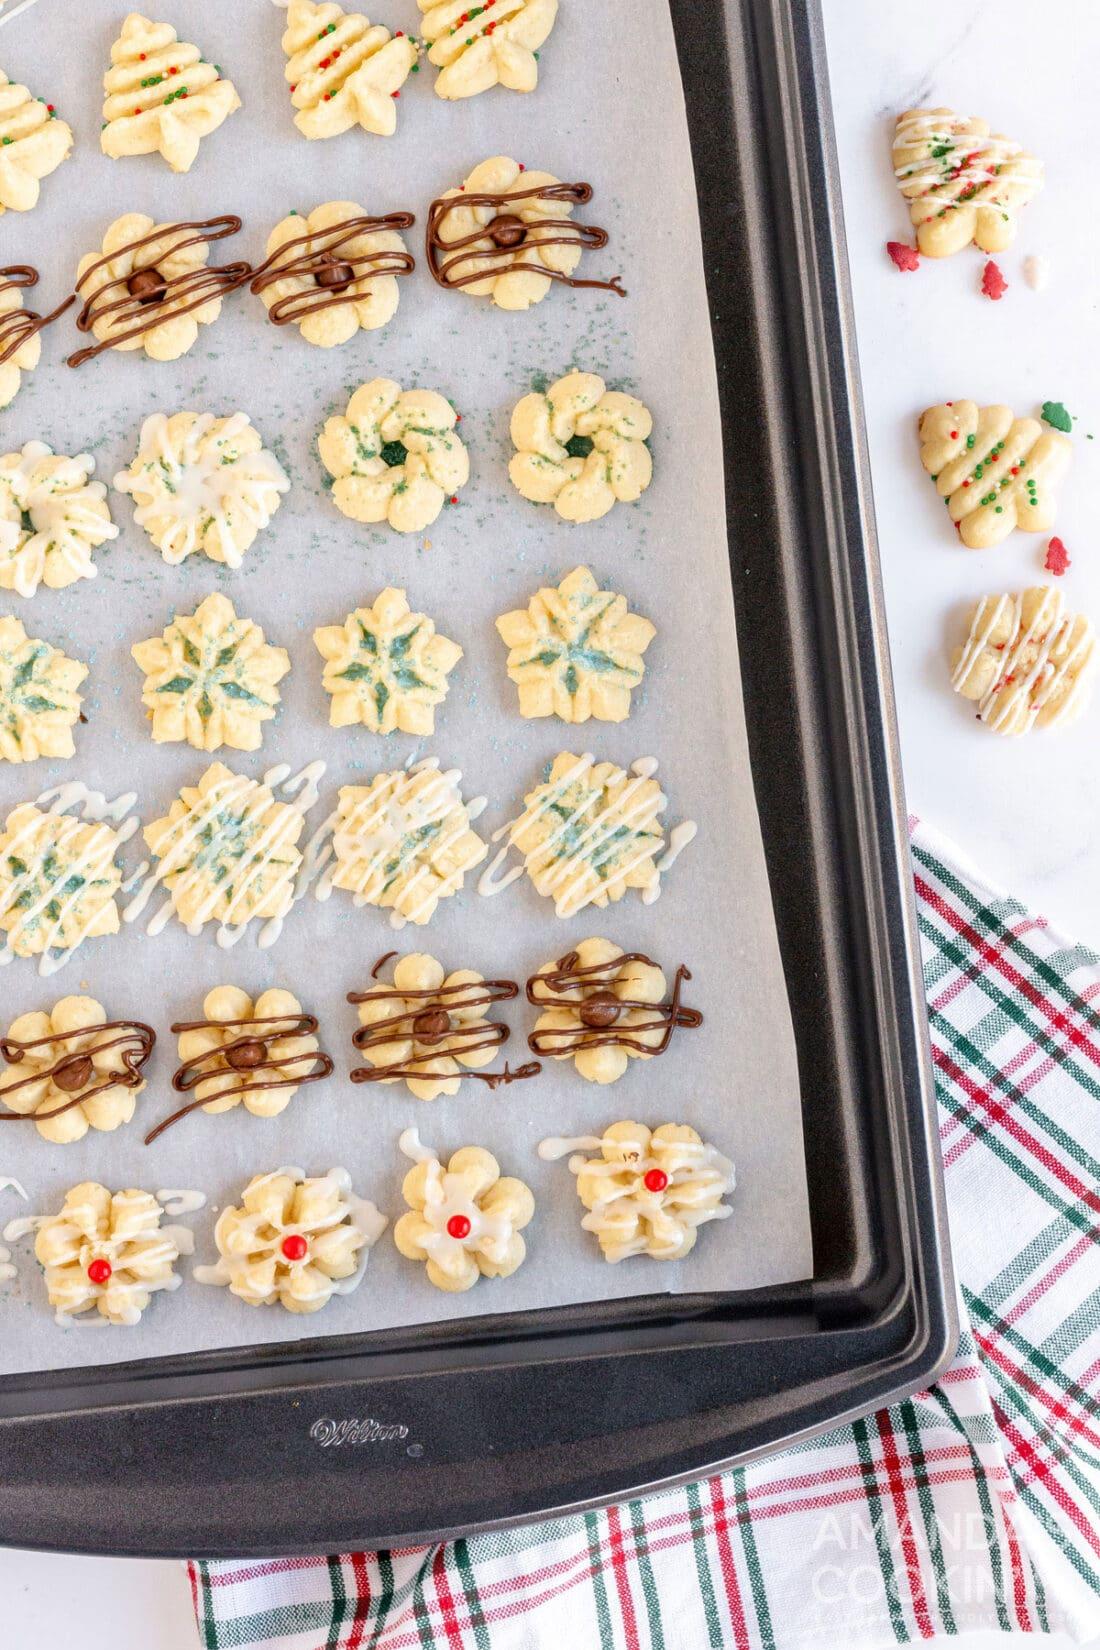 baking sheet of spritz cookies